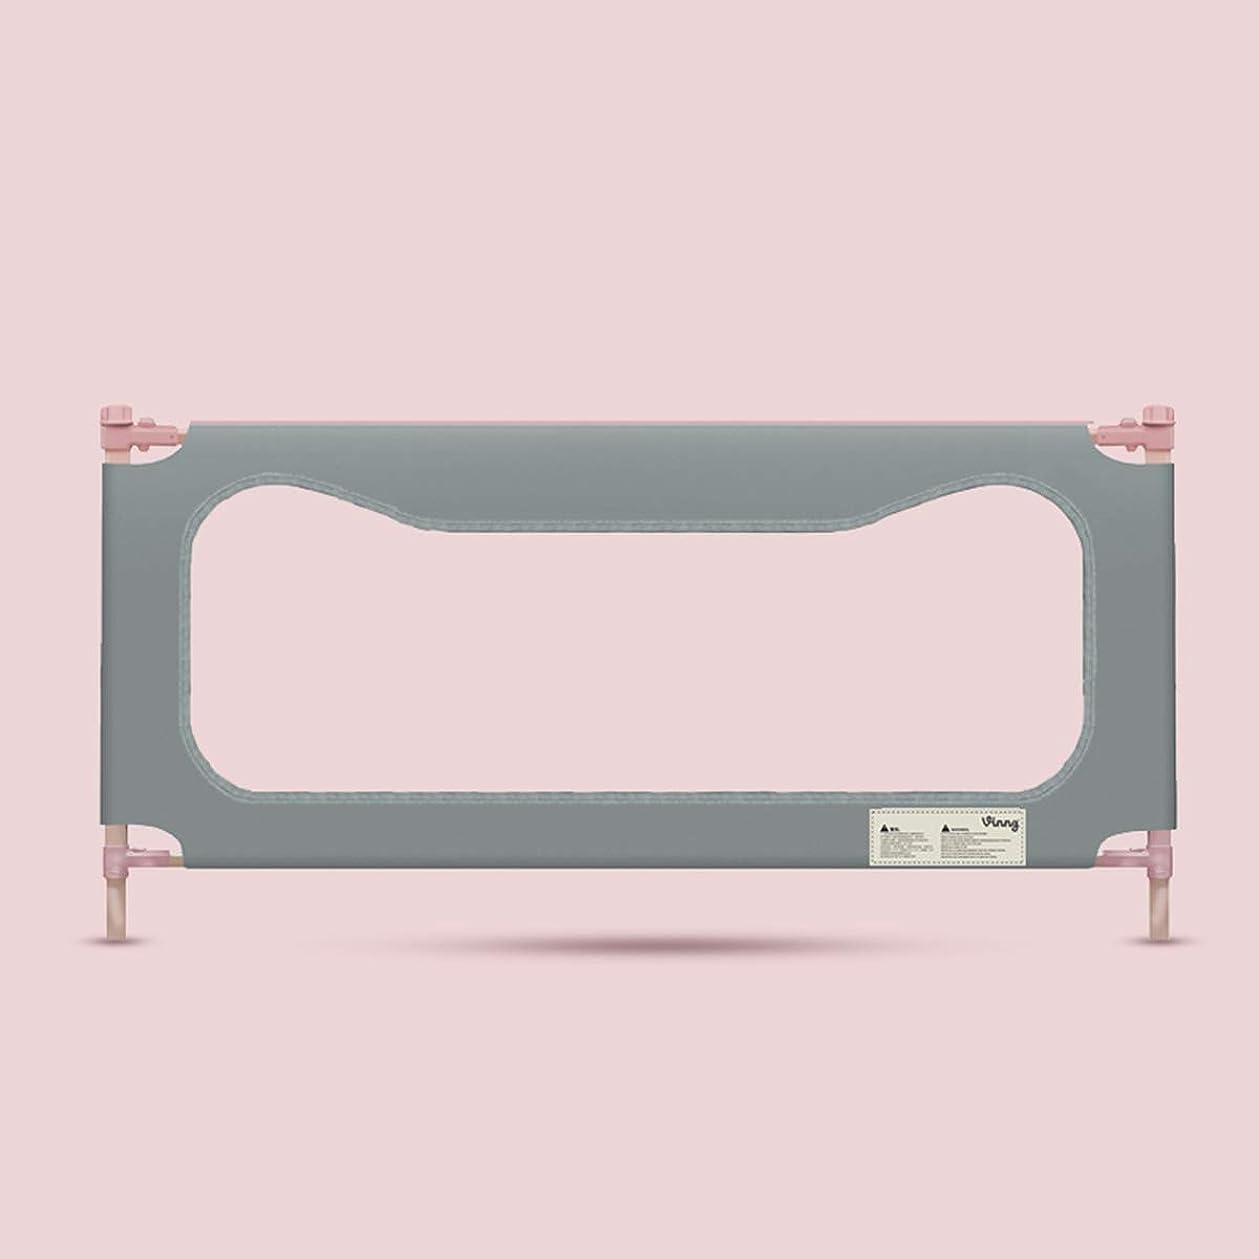 スタイル騒々しい劇的カトージ ポータブルベッドガードSB付 グレー 150cm 63709